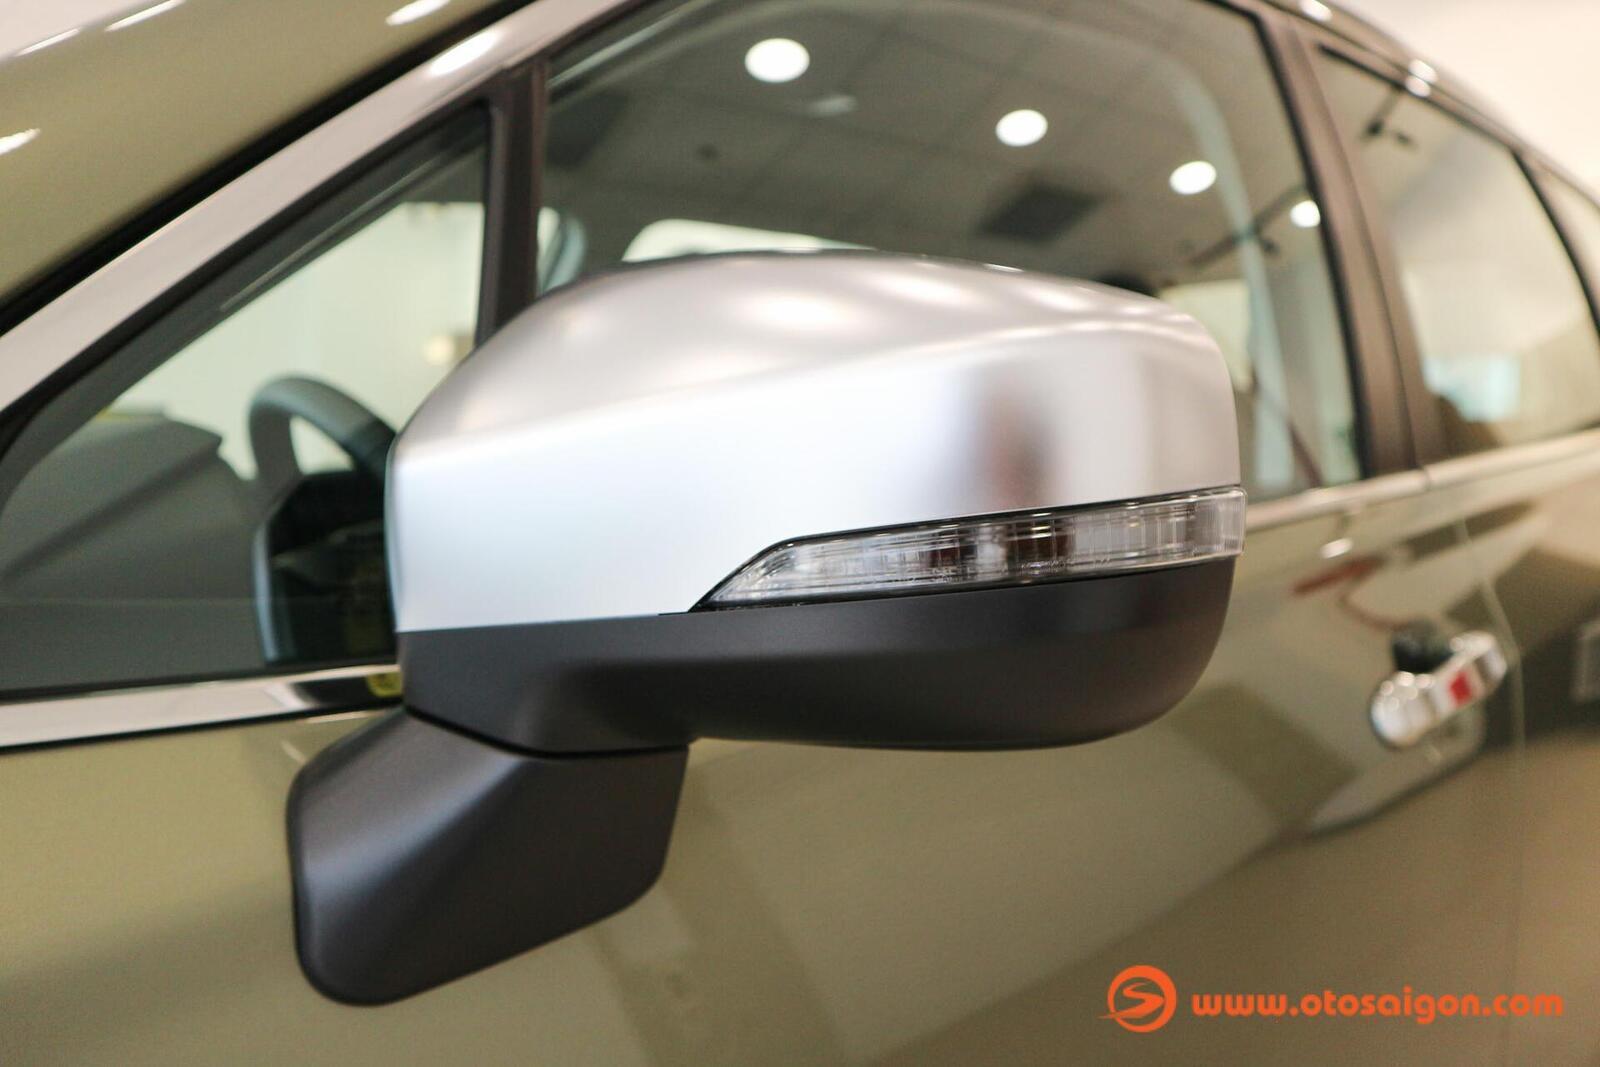 Cận cảnh Subaru Forester thế hệ mới nhập Thái sắp ra mắt tại Việt Nam | SUBARU - Hình 5